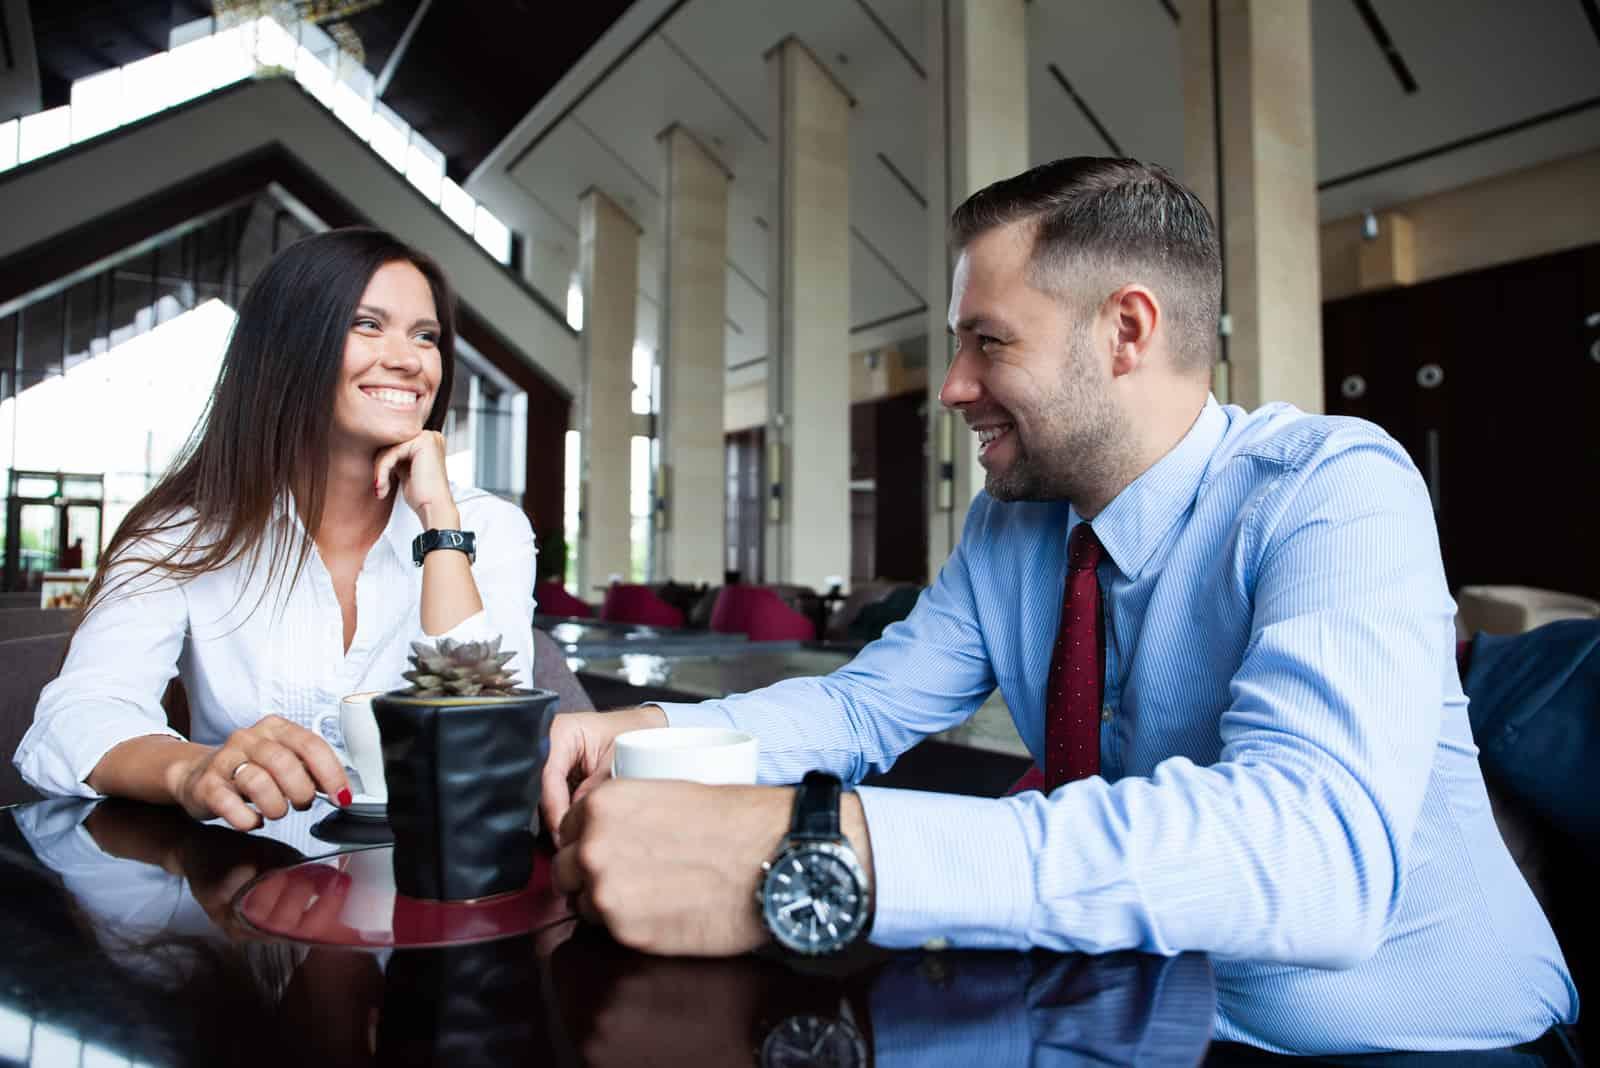 un homme et une femme assis à une table en riant